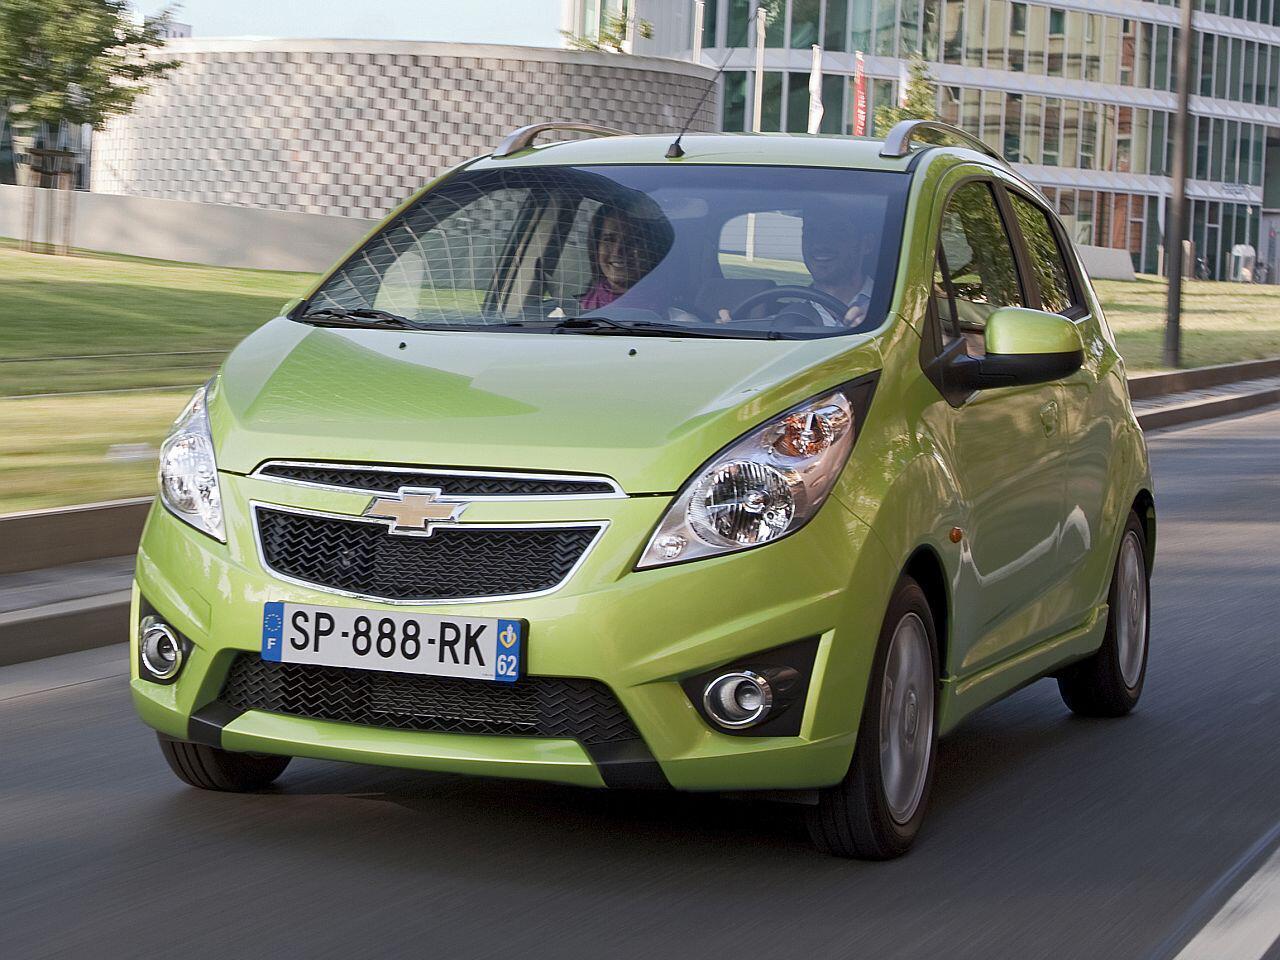 Bild zu Platz 4: Chevrolet Spark